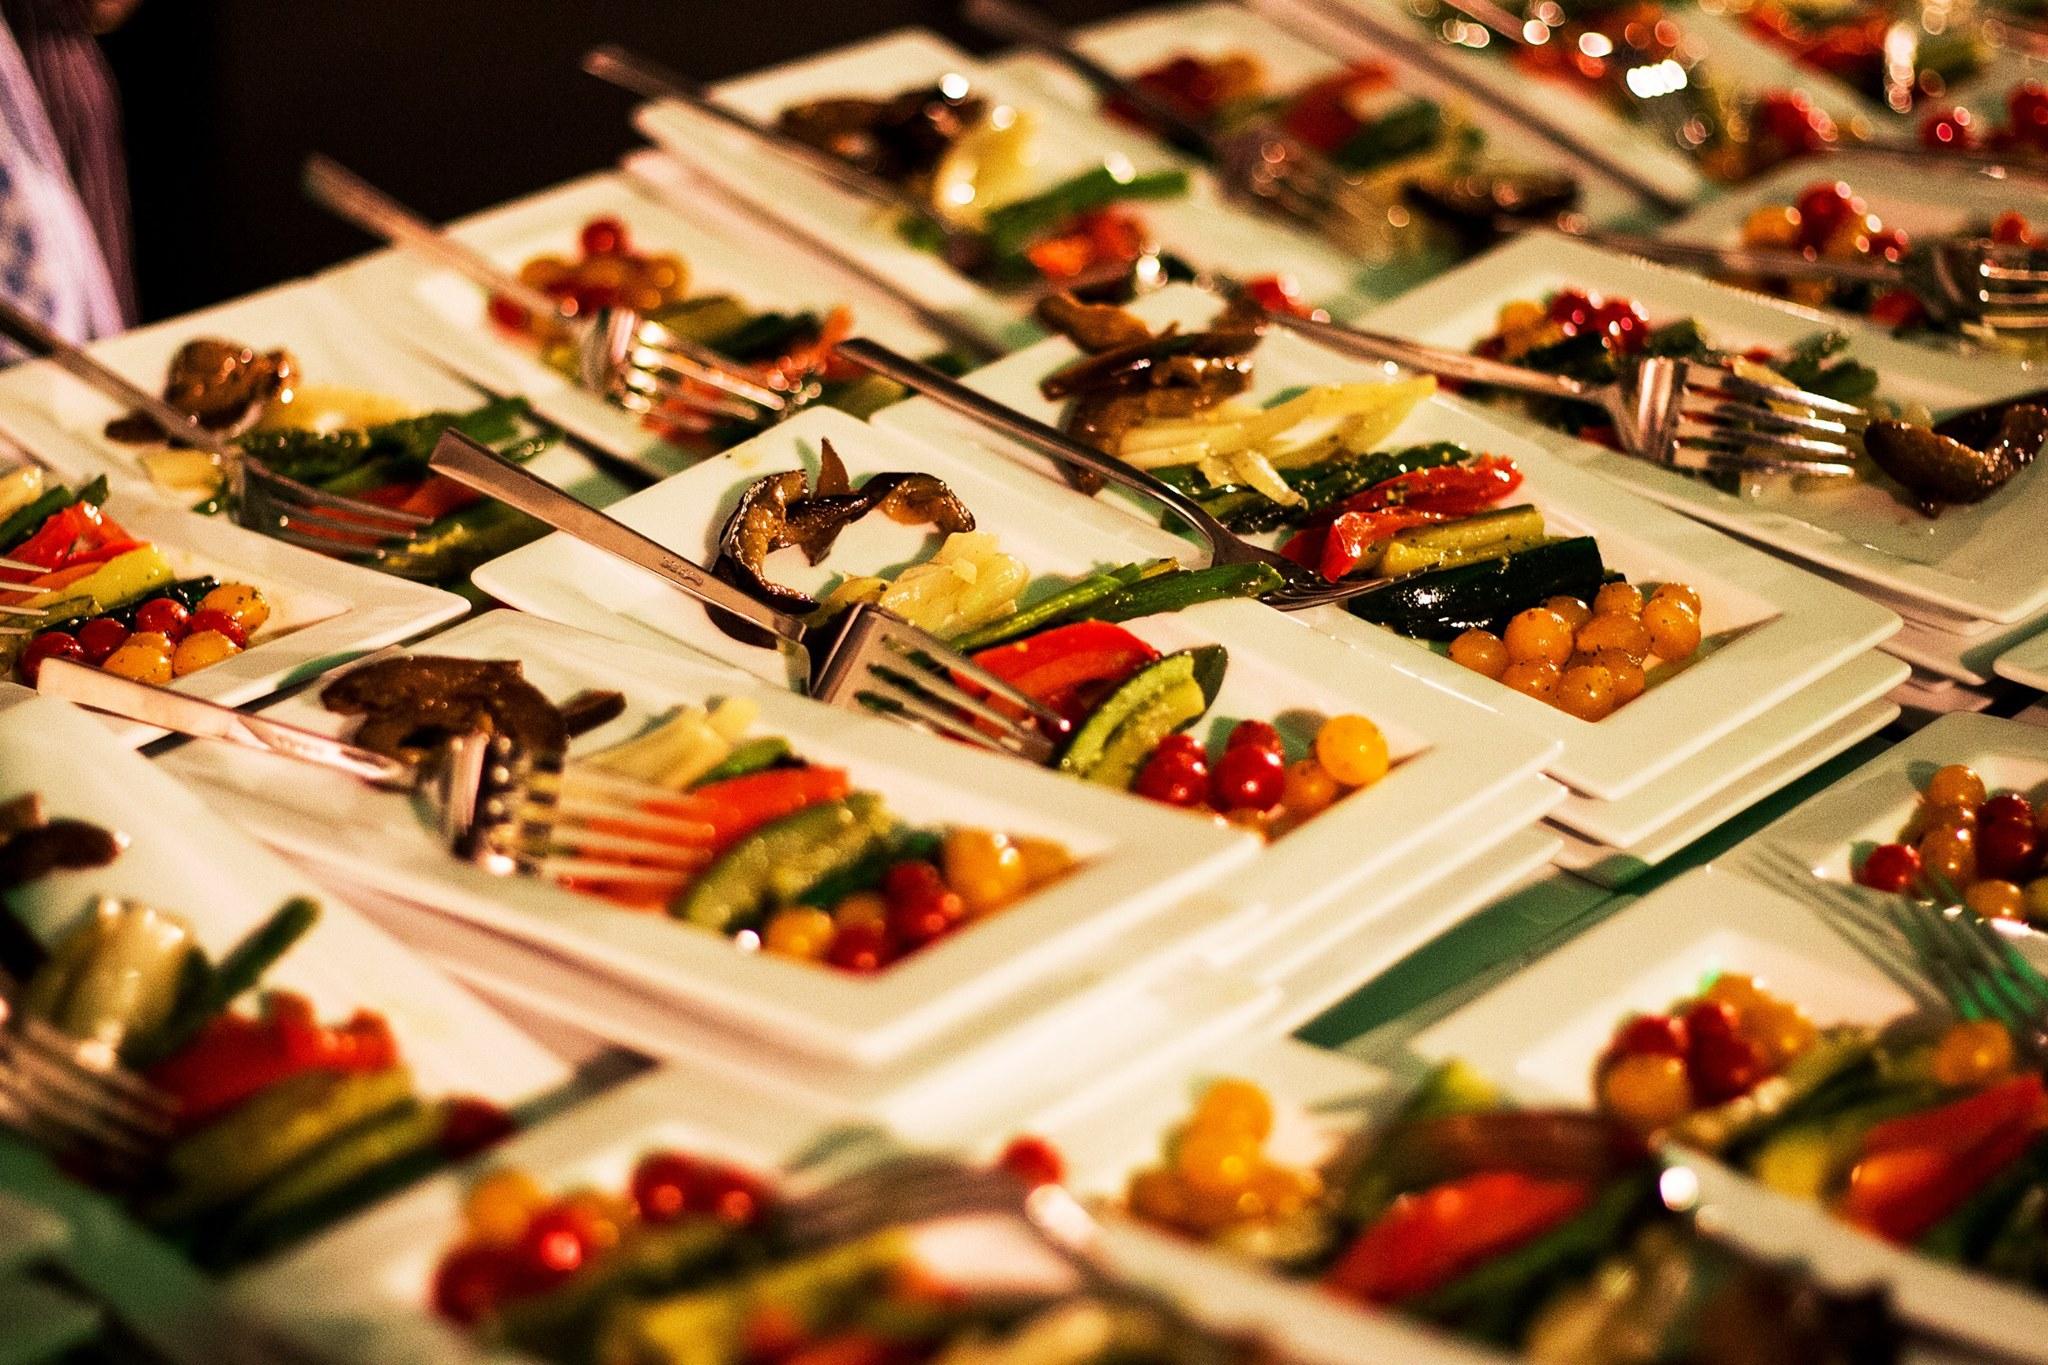 catering-Hauptbild2.jpg